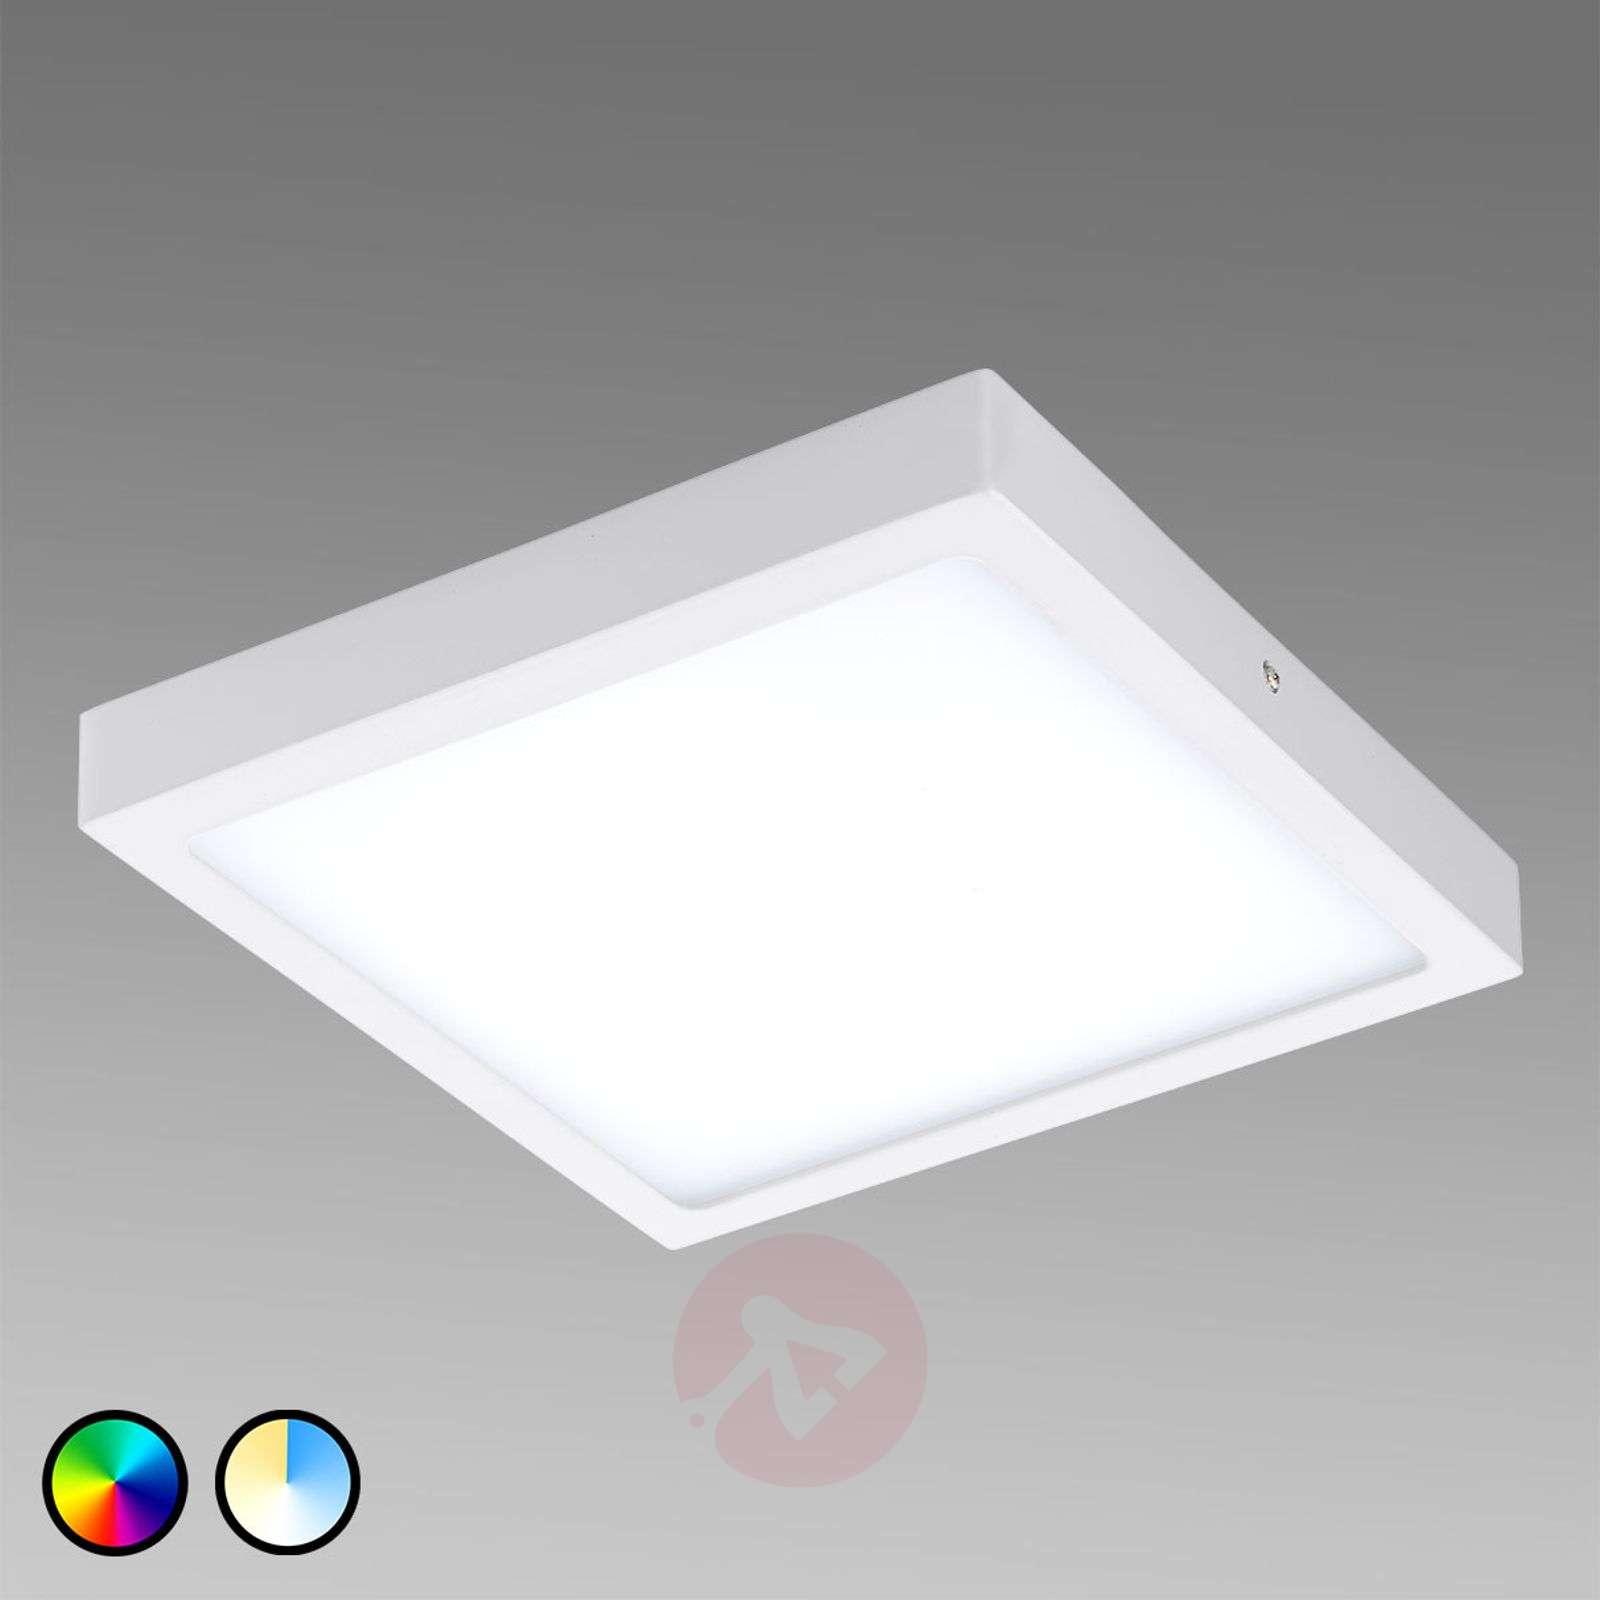 Fueva-Connect kulmikas LED-kattovalaisin 30 cm-3032065X-01